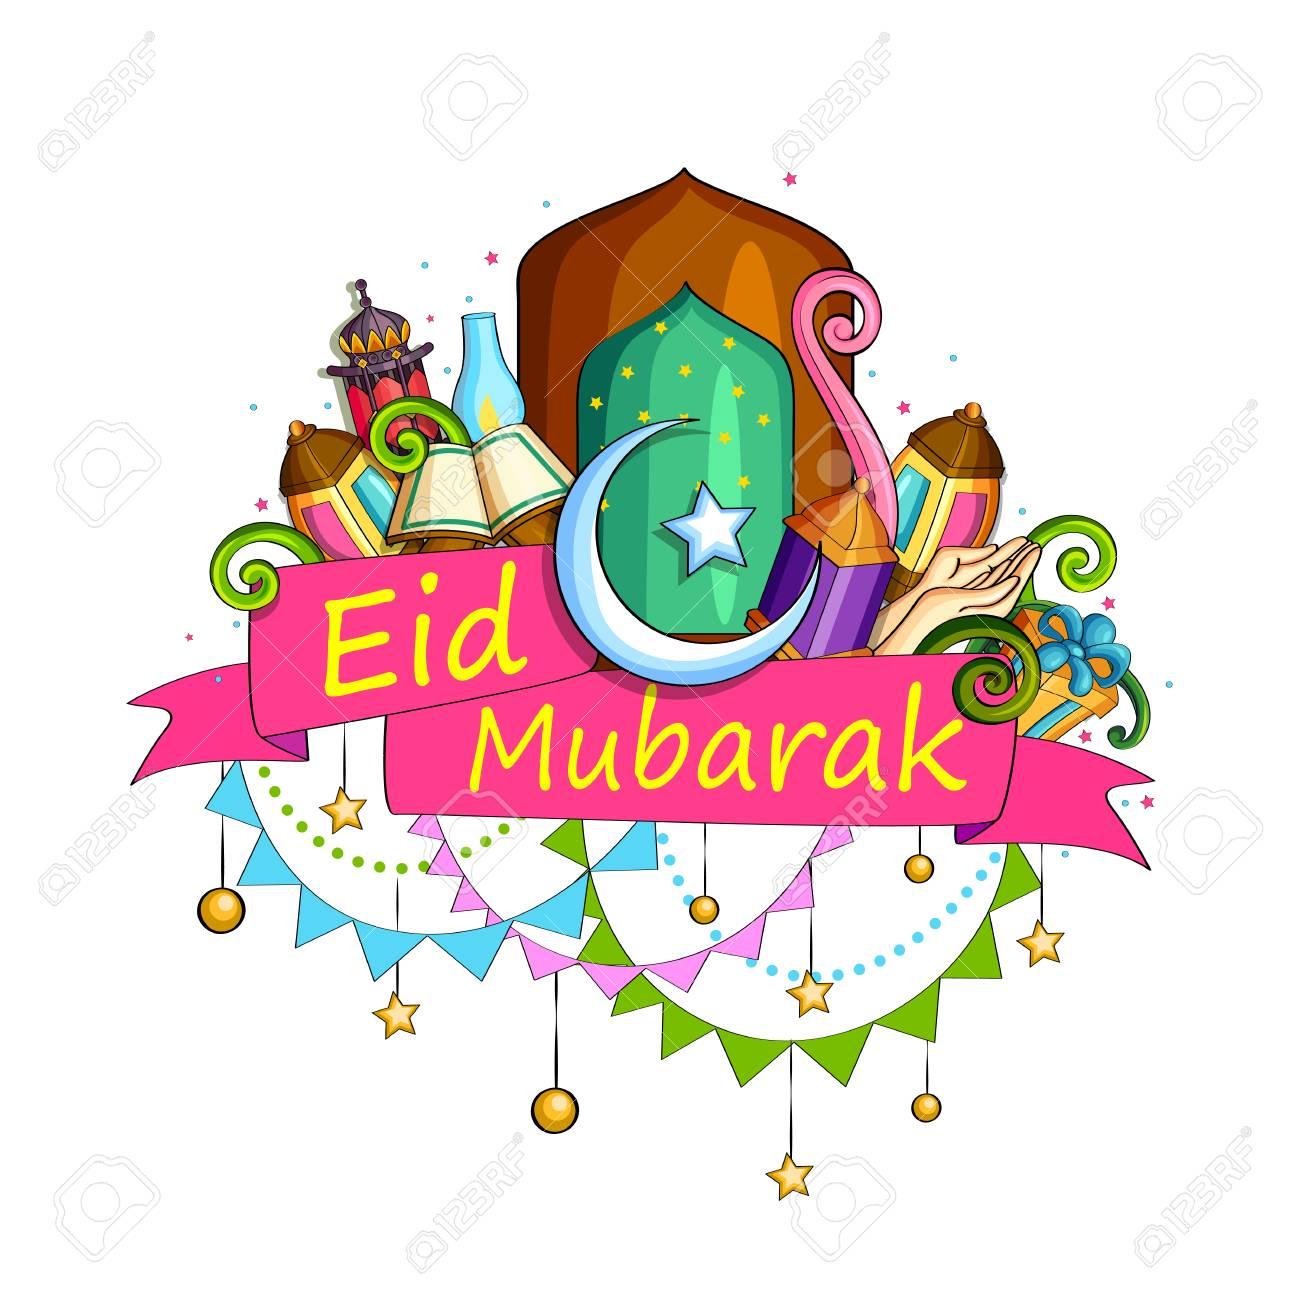 Eid Mubarak Blessing for Eid background..